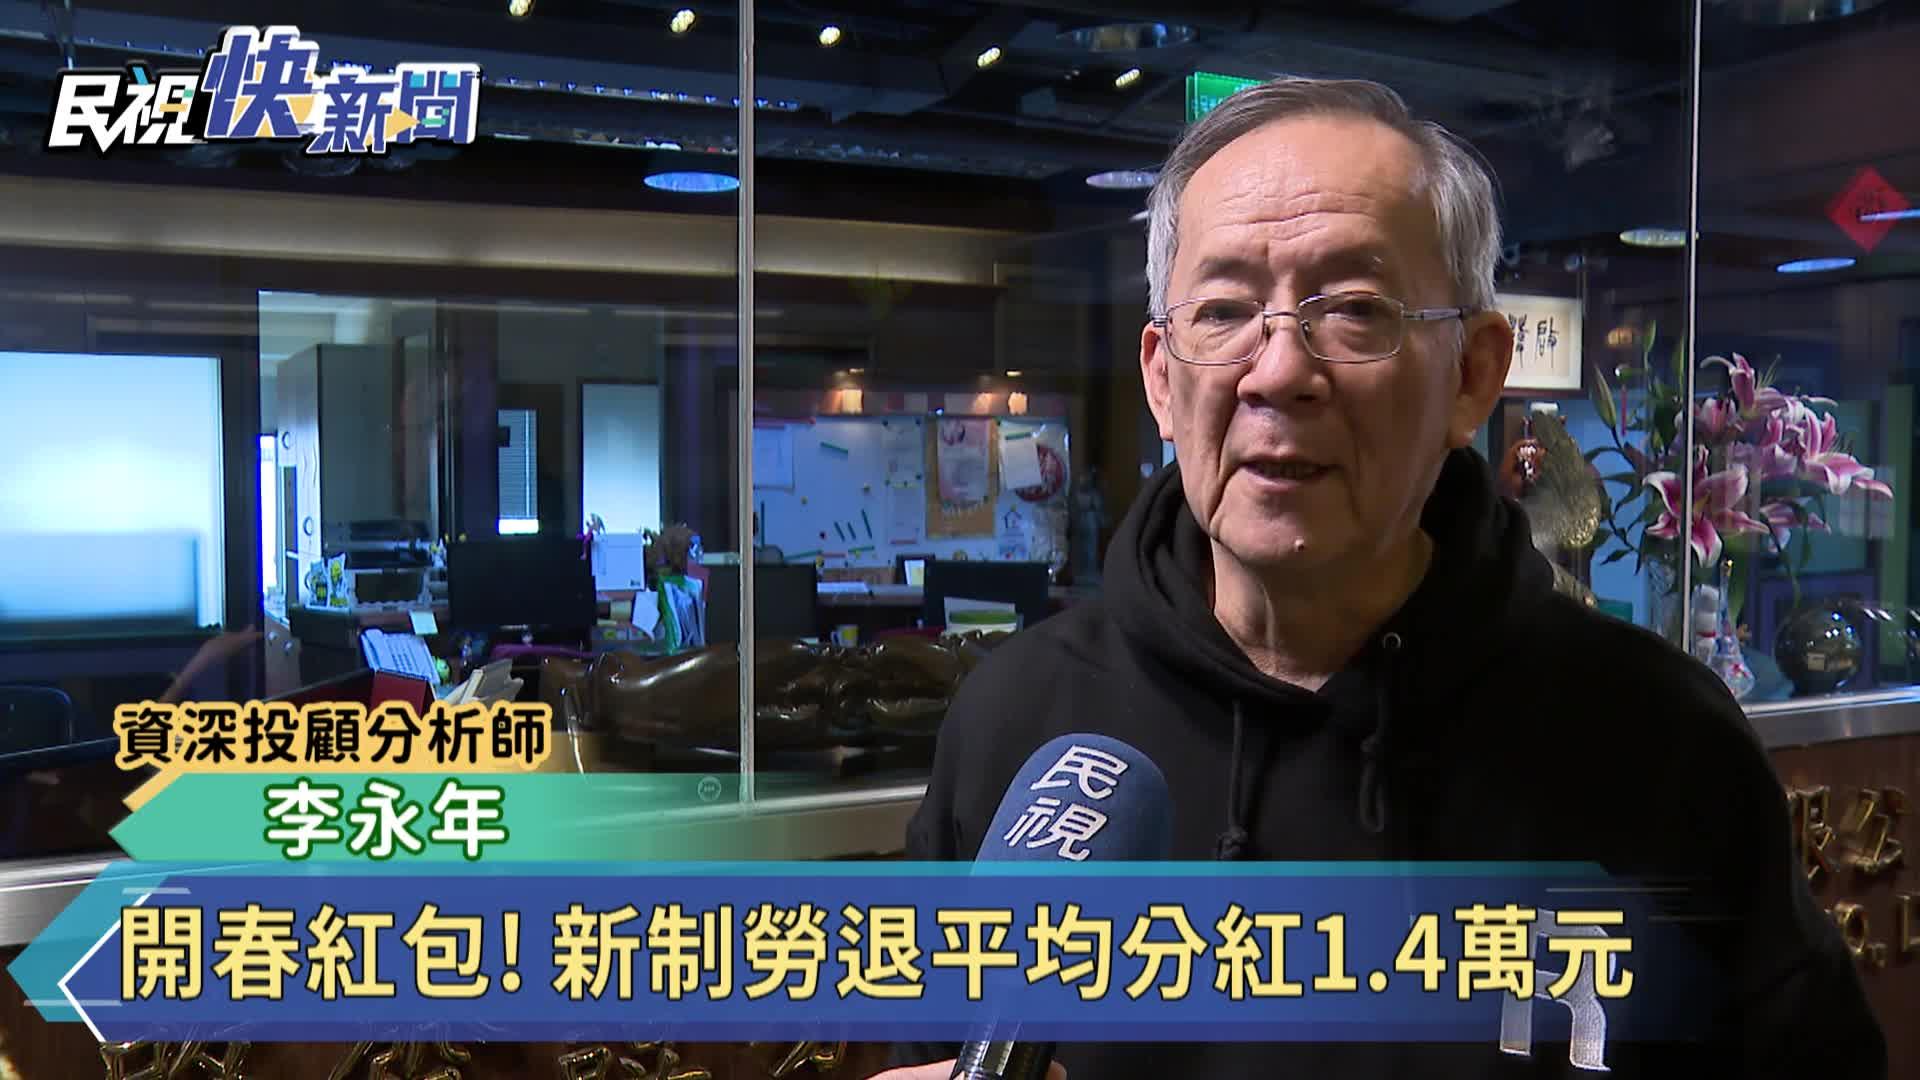 勞動基金發開春大紅包!新制勞退平均分紅1.4萬元 3/5入帳